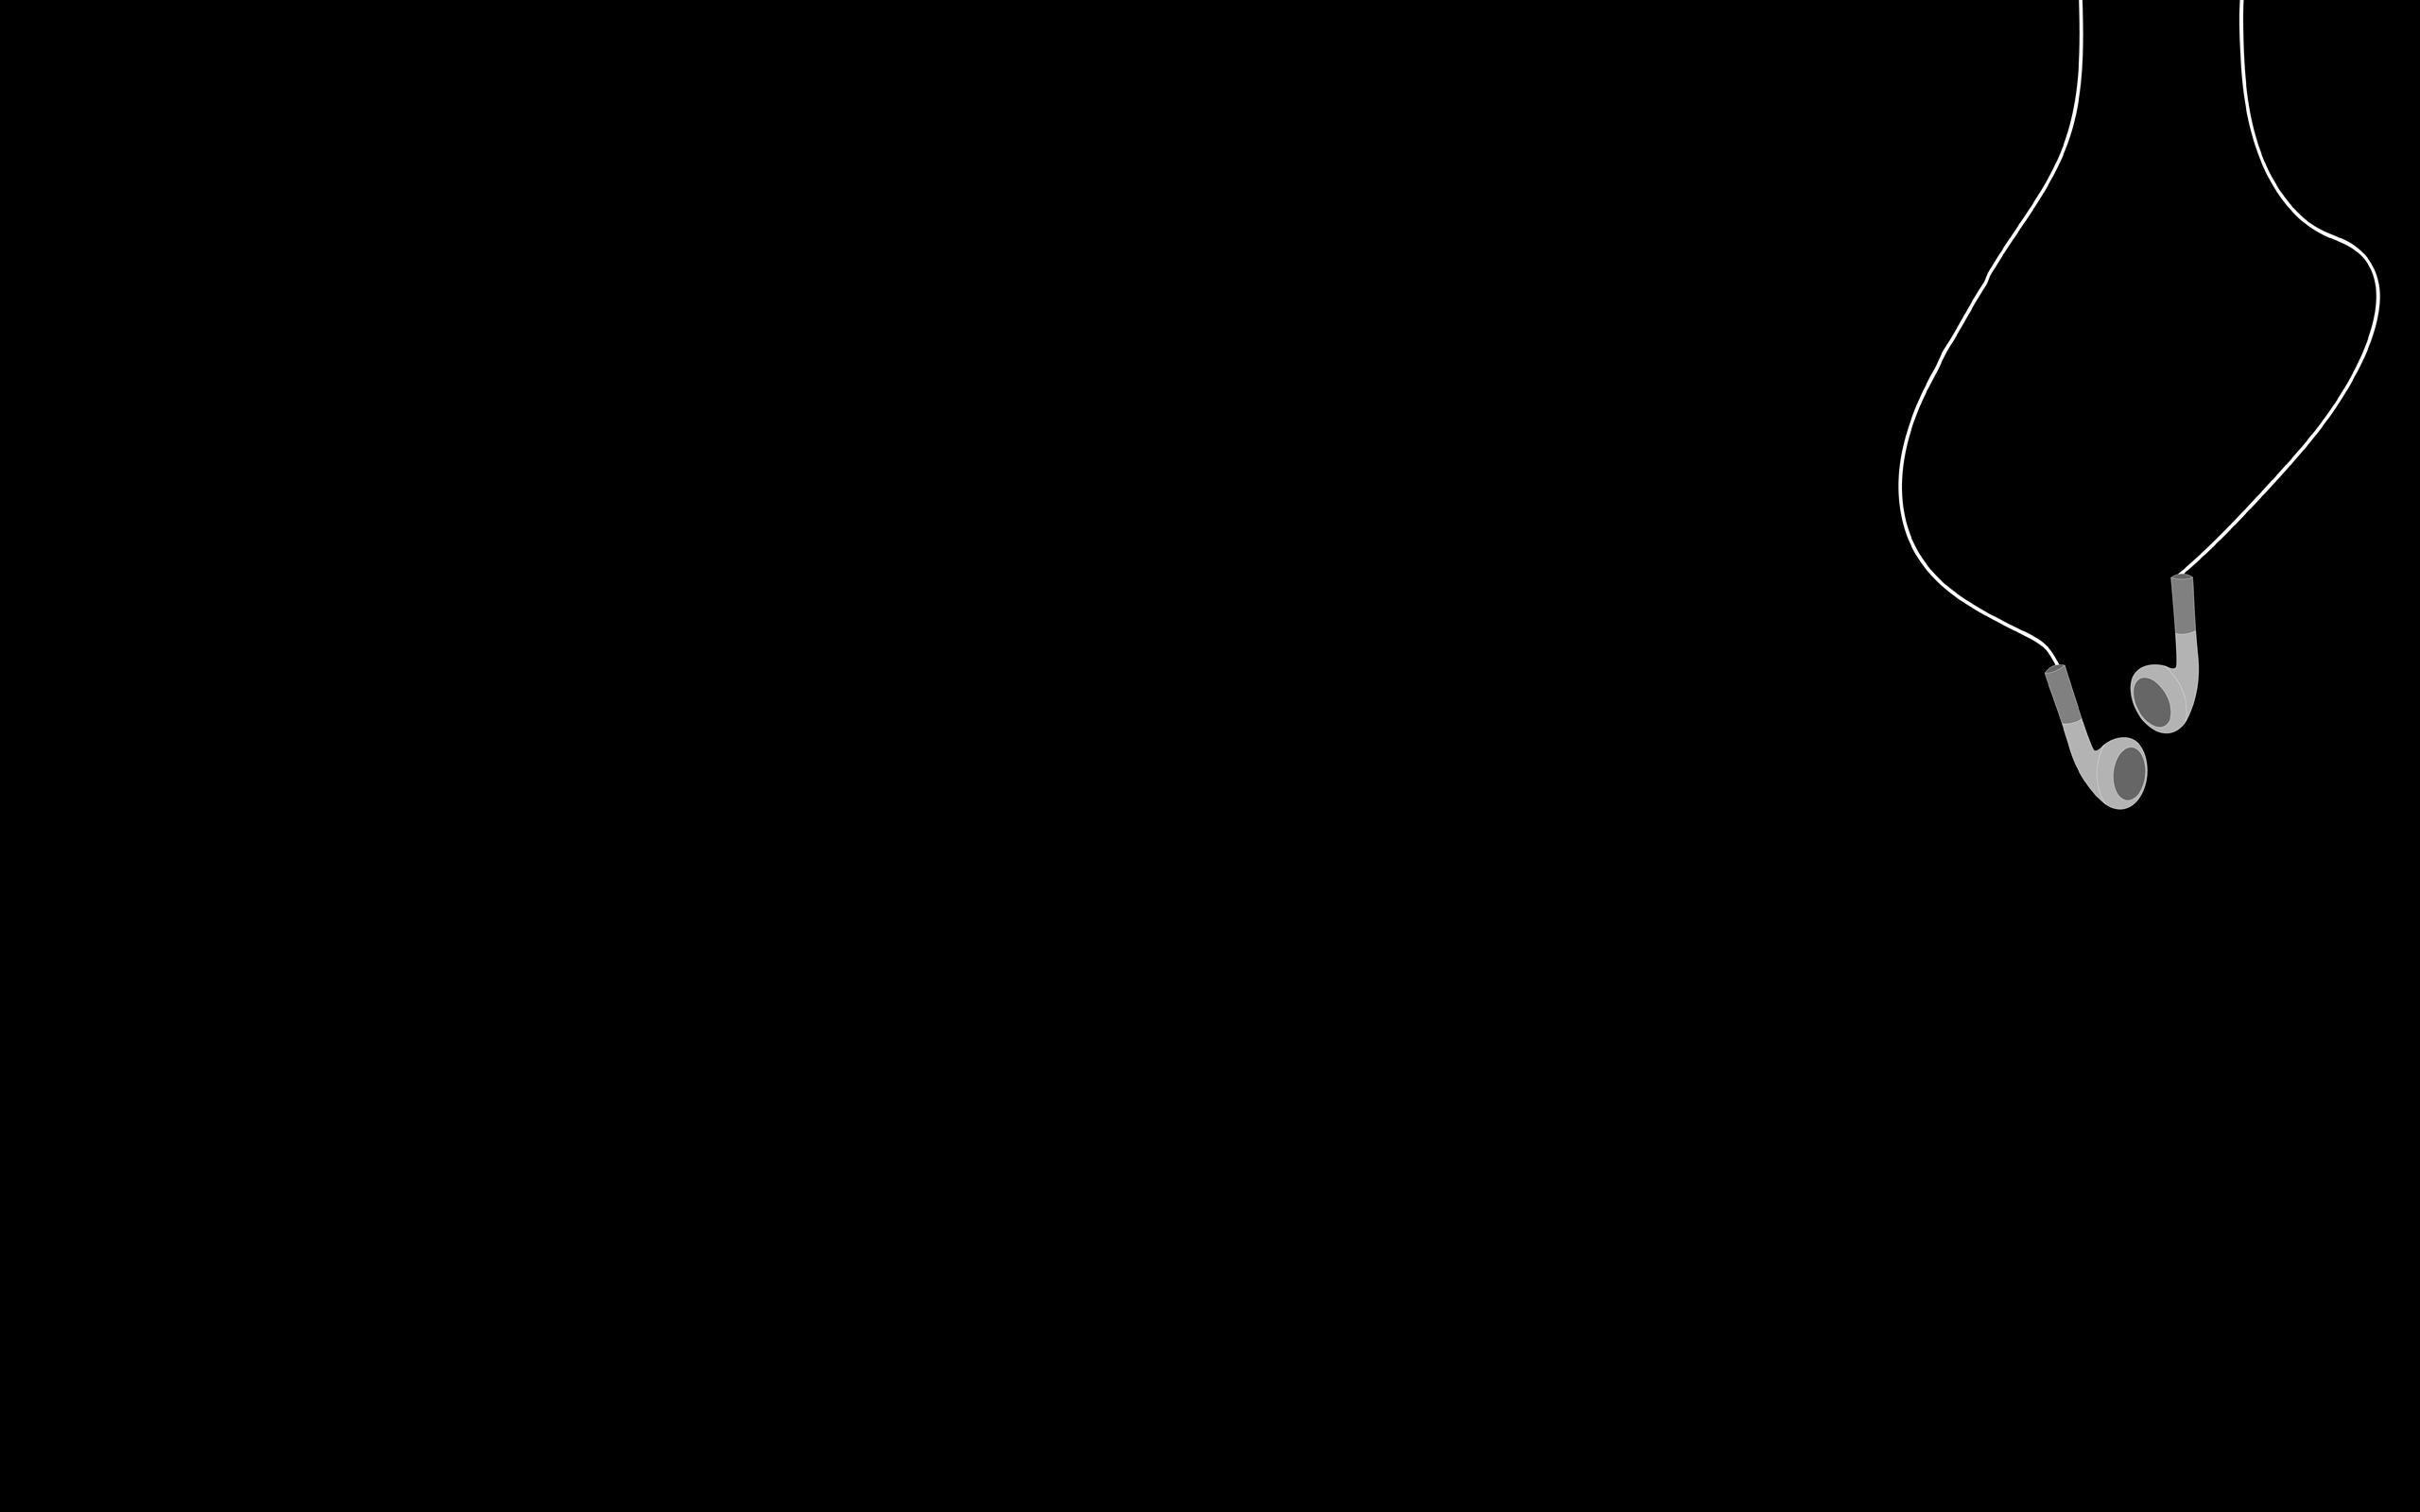 Papel de parede minimalismo msica udio fones de ouvido apple minimalismo msica udio fones de ouvido apple inc trevas papel de parede do computador preto e thecheapjerseys Images